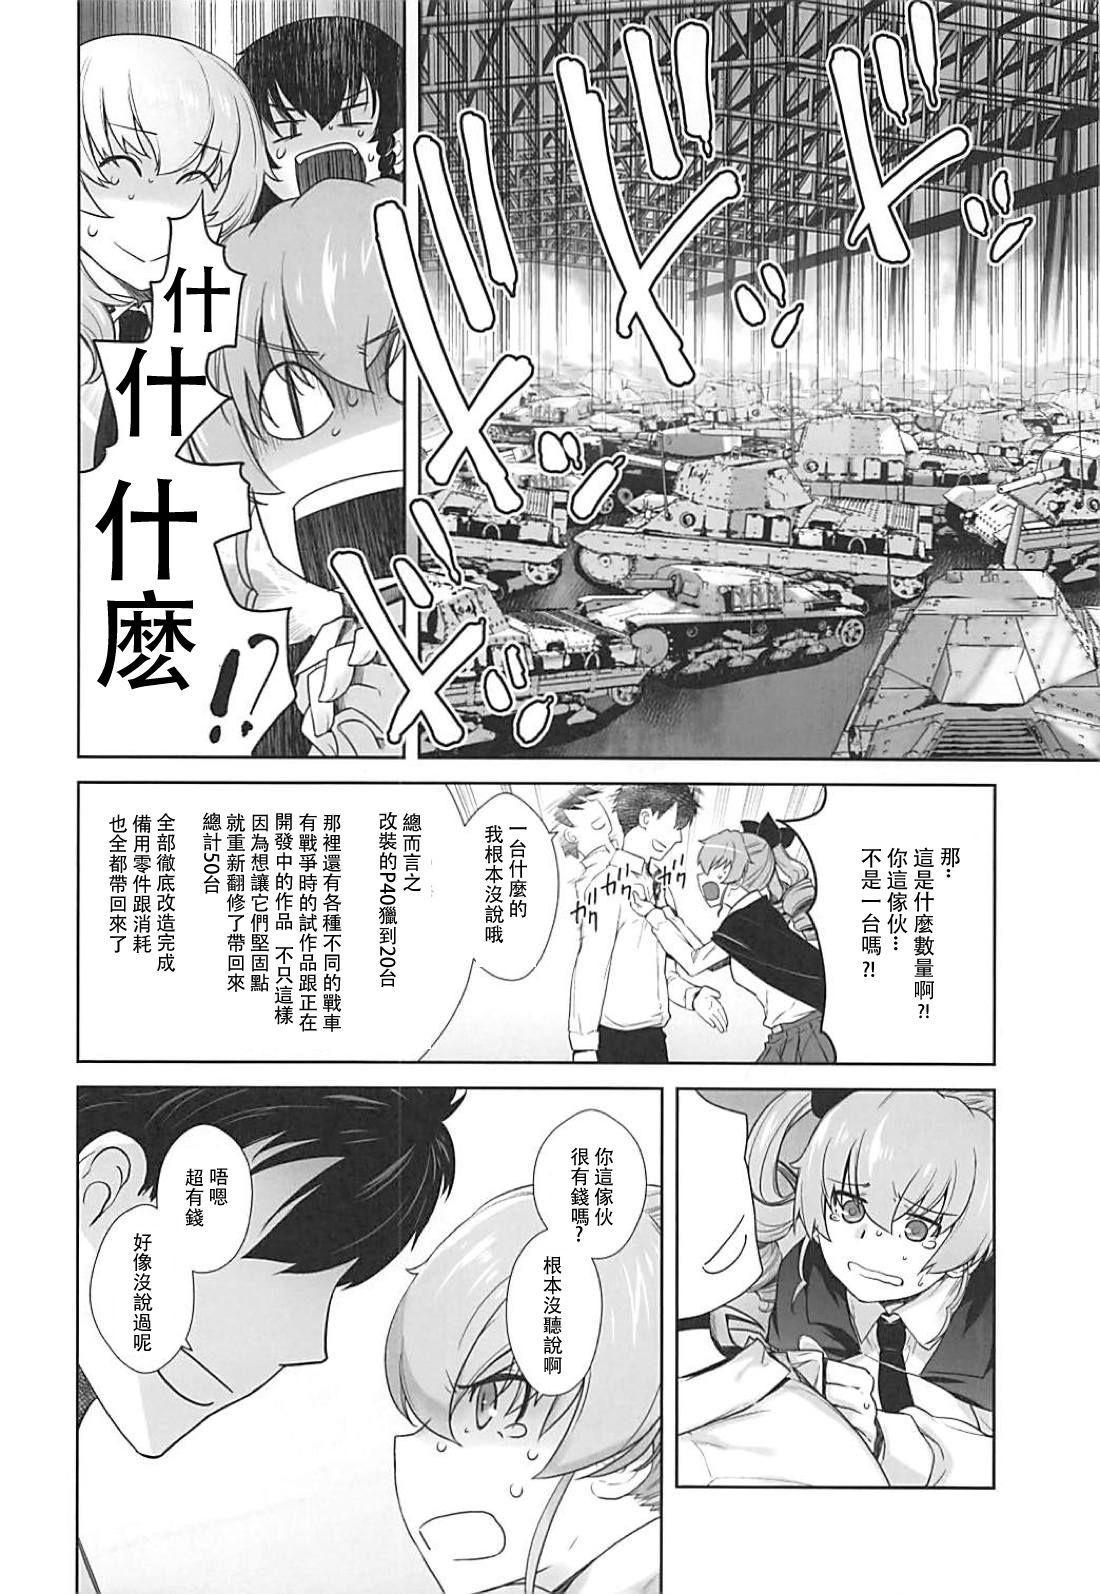 Anata ga Anchovy o Shiawase ni Suru Hon 32